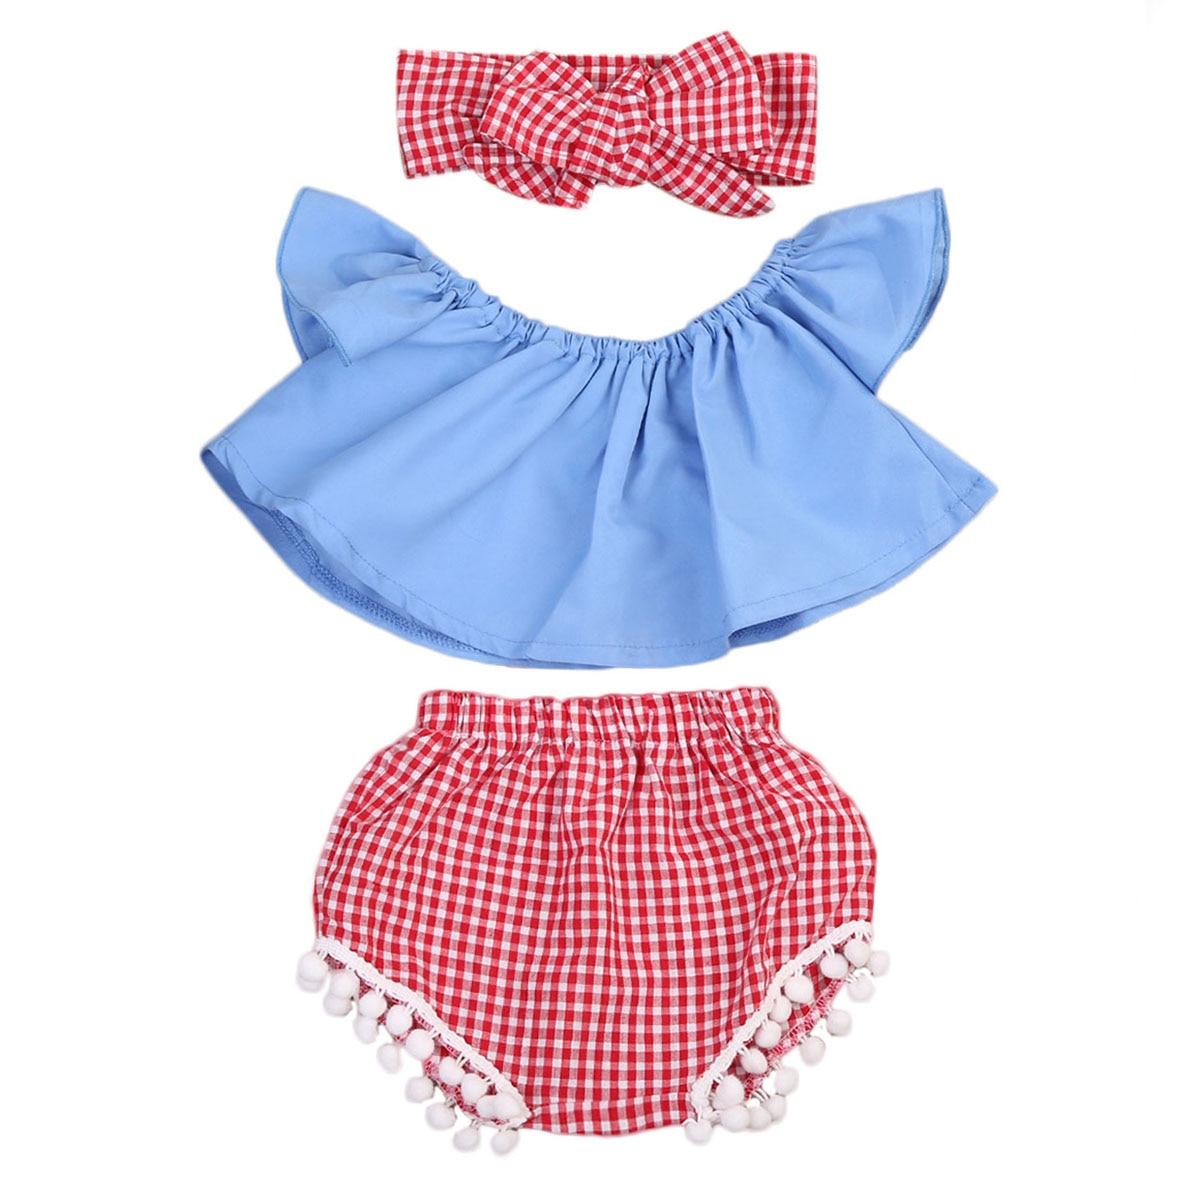 ¡Traje de 3 uds.! Camiseta de bebé pequeño + Pantalones cortos conjunto superior hombro de la muchacha + conjunto de estilo de la ropa de la banda del pelo 2